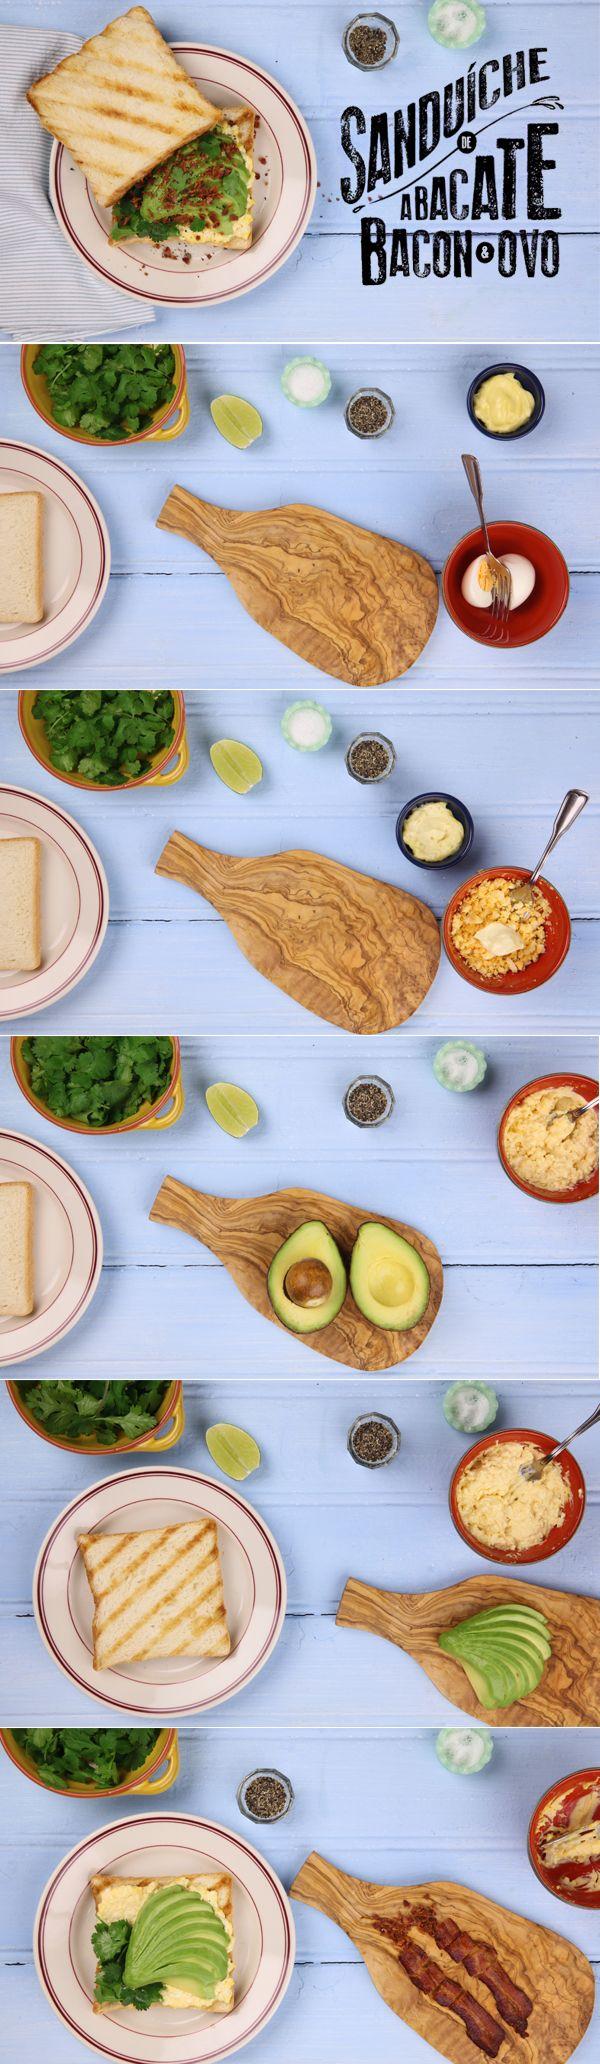 Receita de sanduíche de abacate, bacon e ovo do Panelinha. Comer abacate com sal e limão (ou com pão) já não é mais novidade. Agora, combinar a fruta com pastinha de ovos e bacon crocante... Isso sim é surpreendente! O nome? Abacabacon, meu amor!